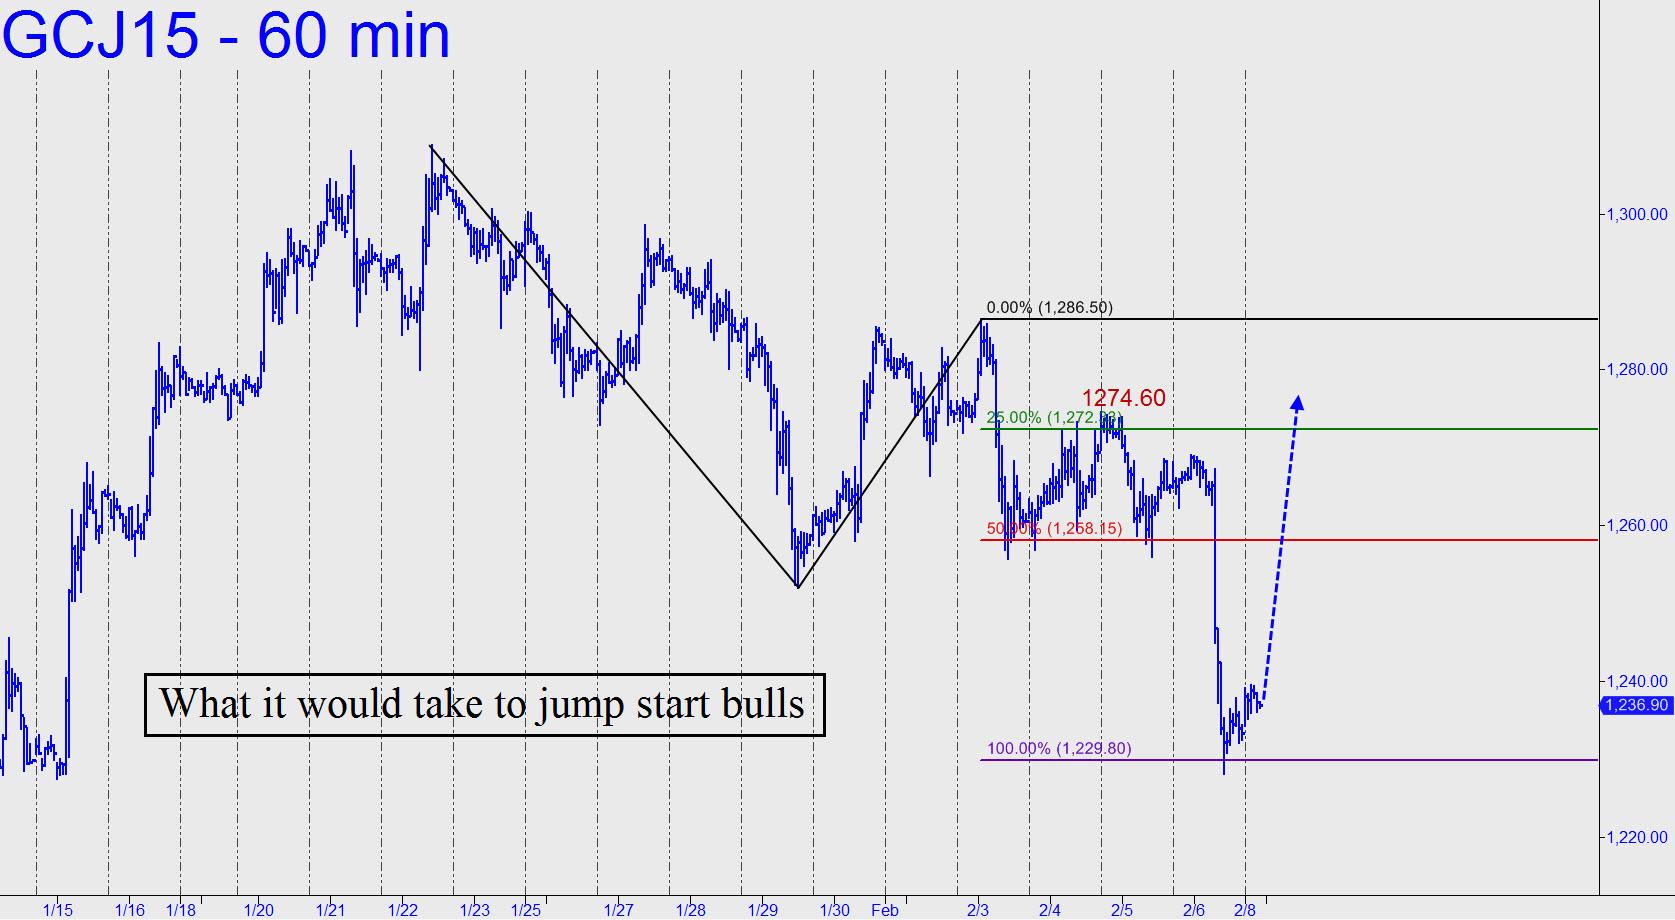 prix de l'or, de l'argent et des minières / suivi 2015 et ultérieurement What-it-would-take-to-jump-start-gold-bulls